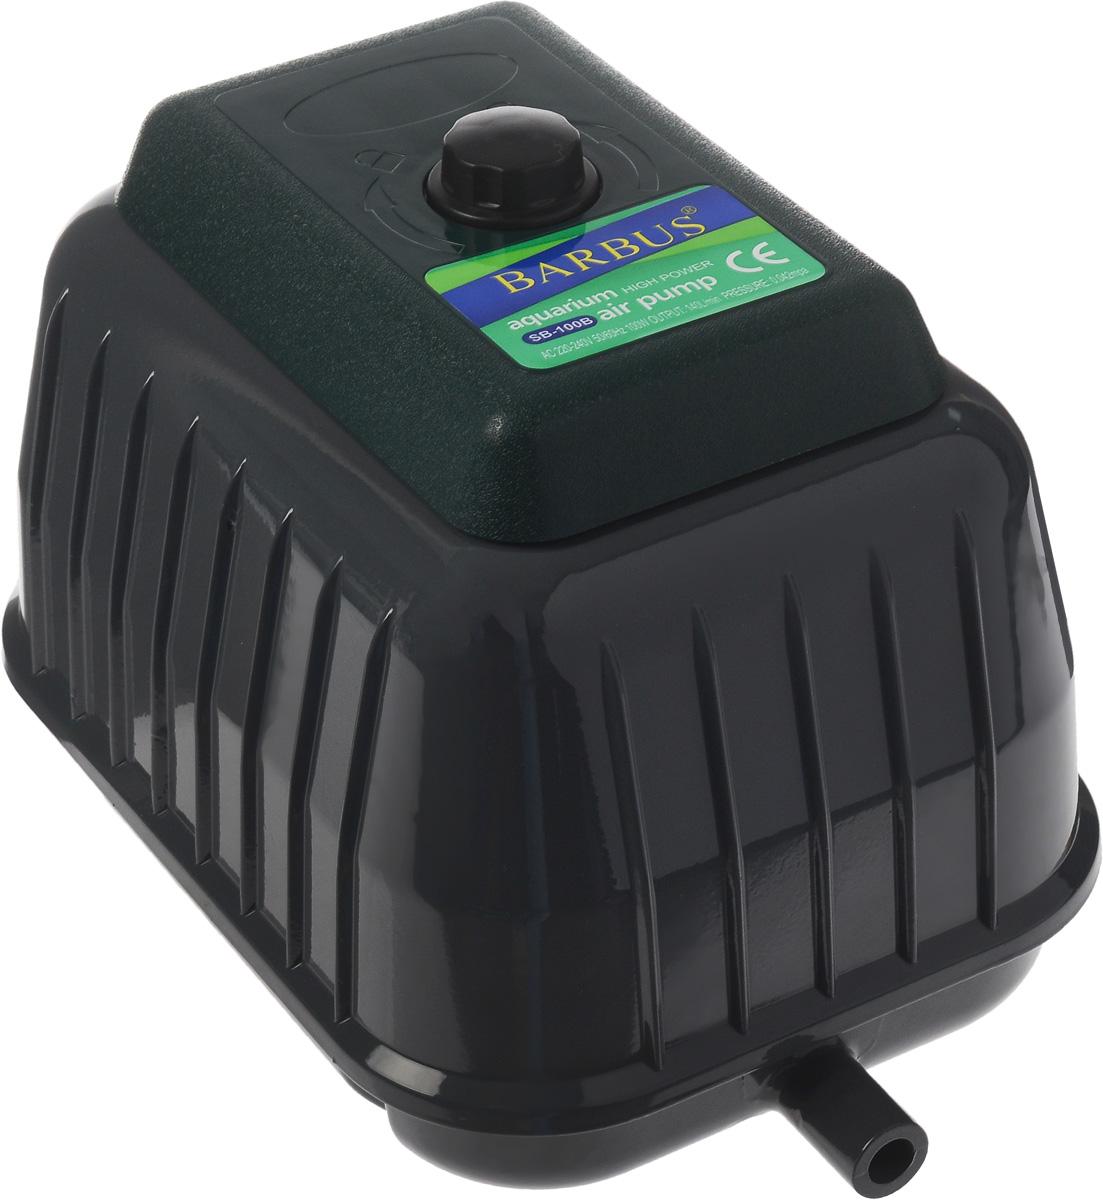 Компрессор воздушный аквариумный Barbus, 100 ВтSB-100BВоздушный аквариумный компрессор Barbus выполнен из прочного металла и пластика. Современная резиновая мембрана и клапан гарантируют долгий срок службы. Изделие обладает уникальной структурой с хорошим тепловыделением и низким уровнем шума. Компрессор имеет широкий спектр использования в рыбной ферме, пруду, аквариуме. Снизу расположены резиновые ножки, обеспечивающие устойчивость и не царапающие поверхность. Мощность: 100 Вт. Напряжение: 220-240В. Частота: 50/60 Гц. Производительность: 140 л/мин. Количество выходов гребенки: 33.